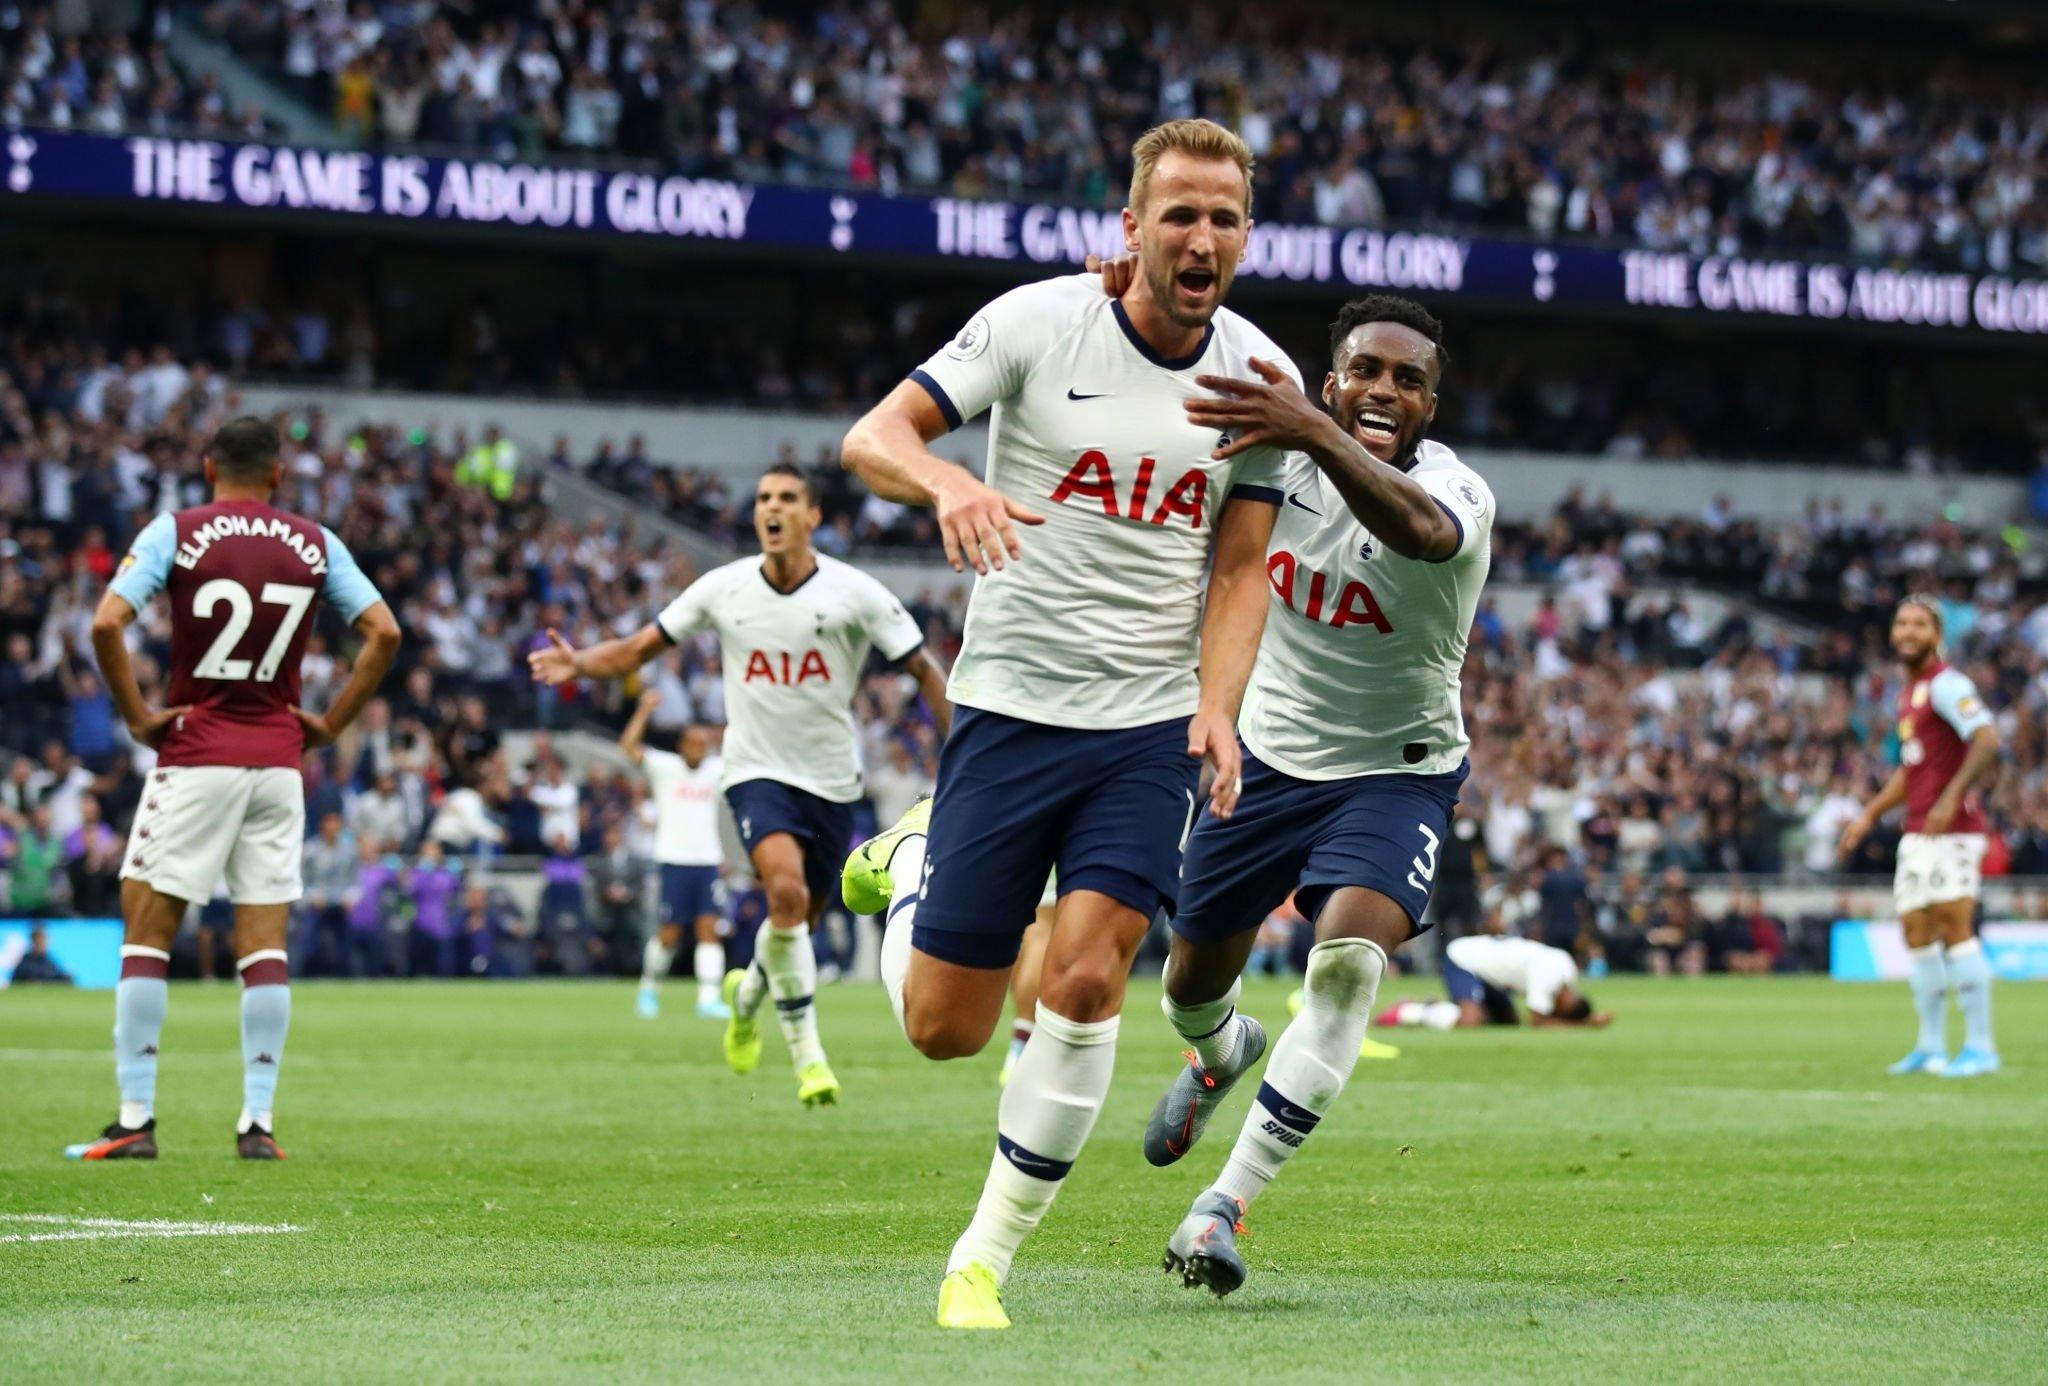 أهداف فوز توتنهام على استون فيلا في الدوري الإنجليزي